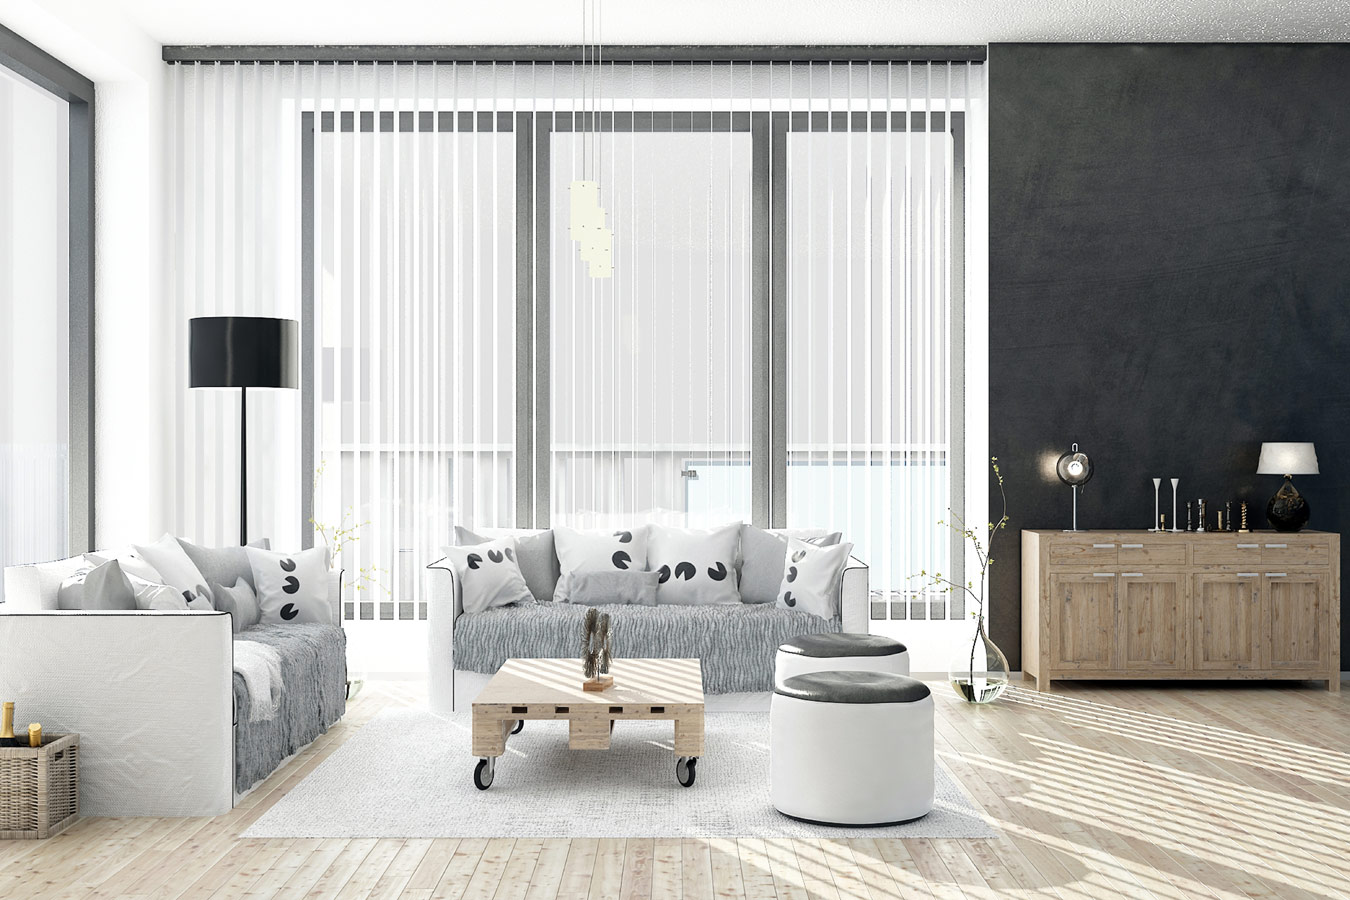 Raamdecoratie mogelijkheden tips inspiratie - Gordijnen voor overdekt terras ...